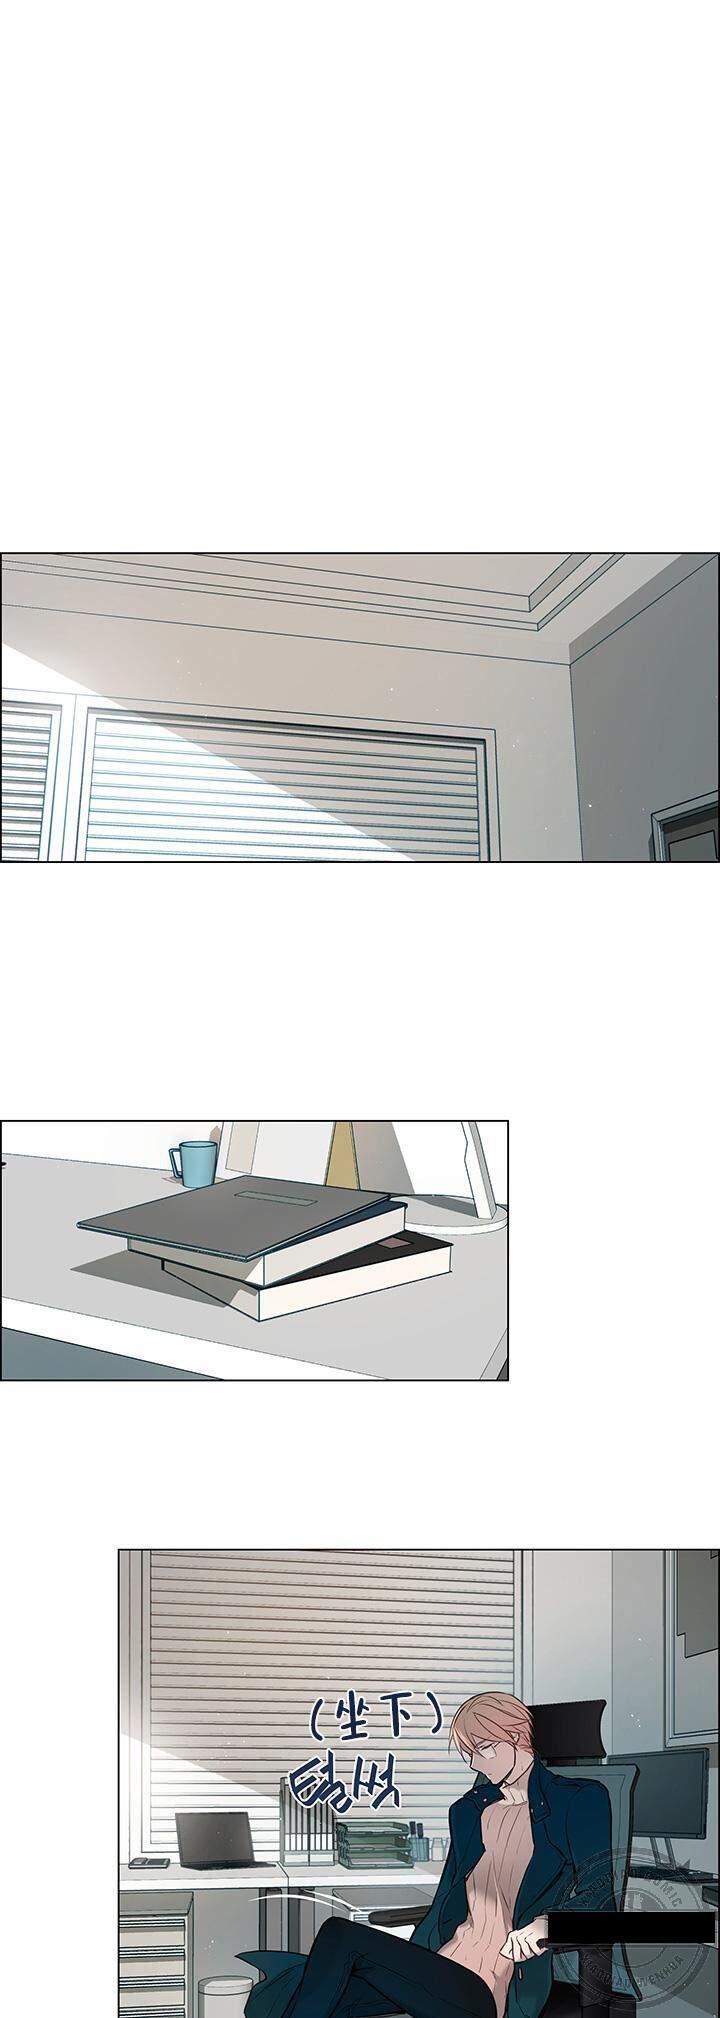 耽美彩虹漫画《一眼无明》在线阅读